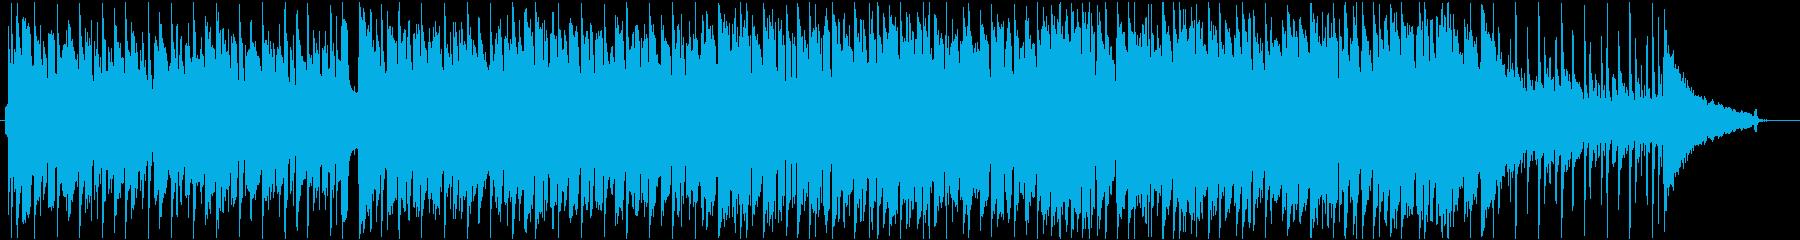 爽やかでおしゃれな日常曲の再生済みの波形